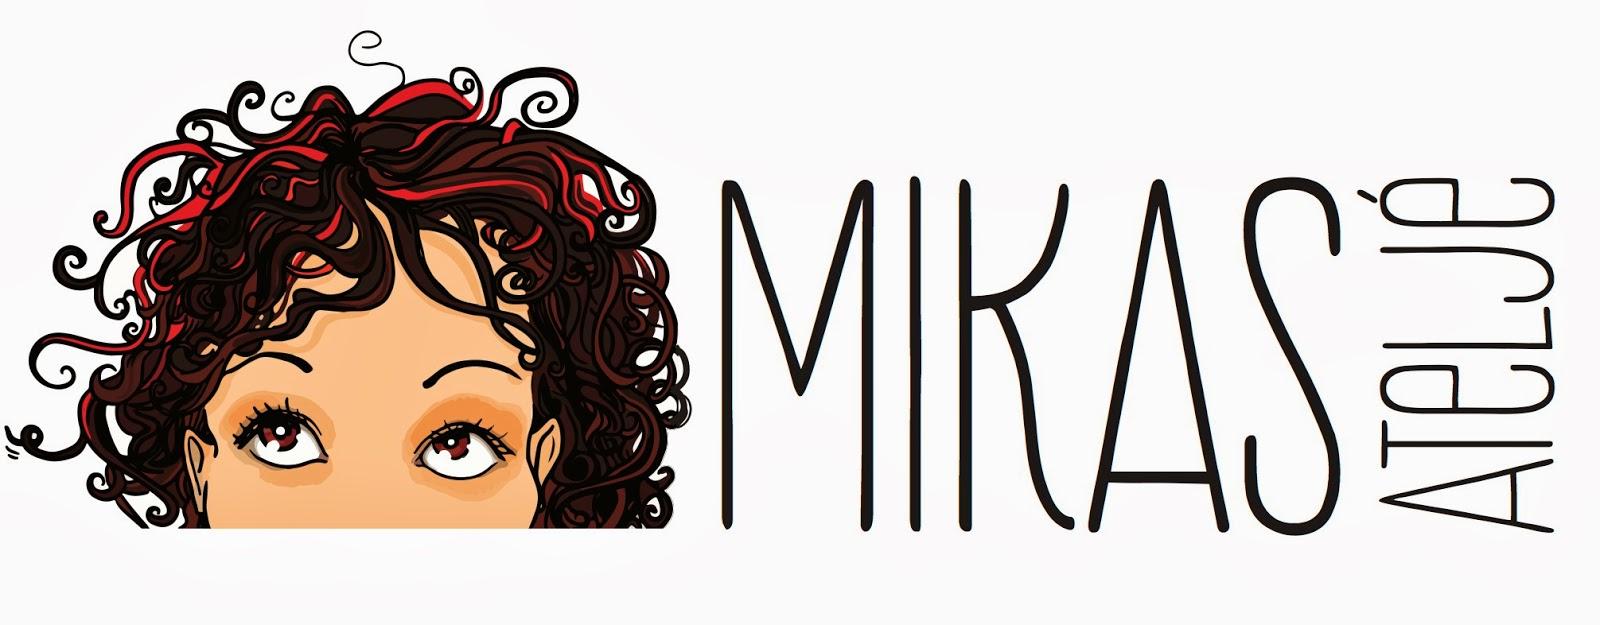 Mikas ateljé